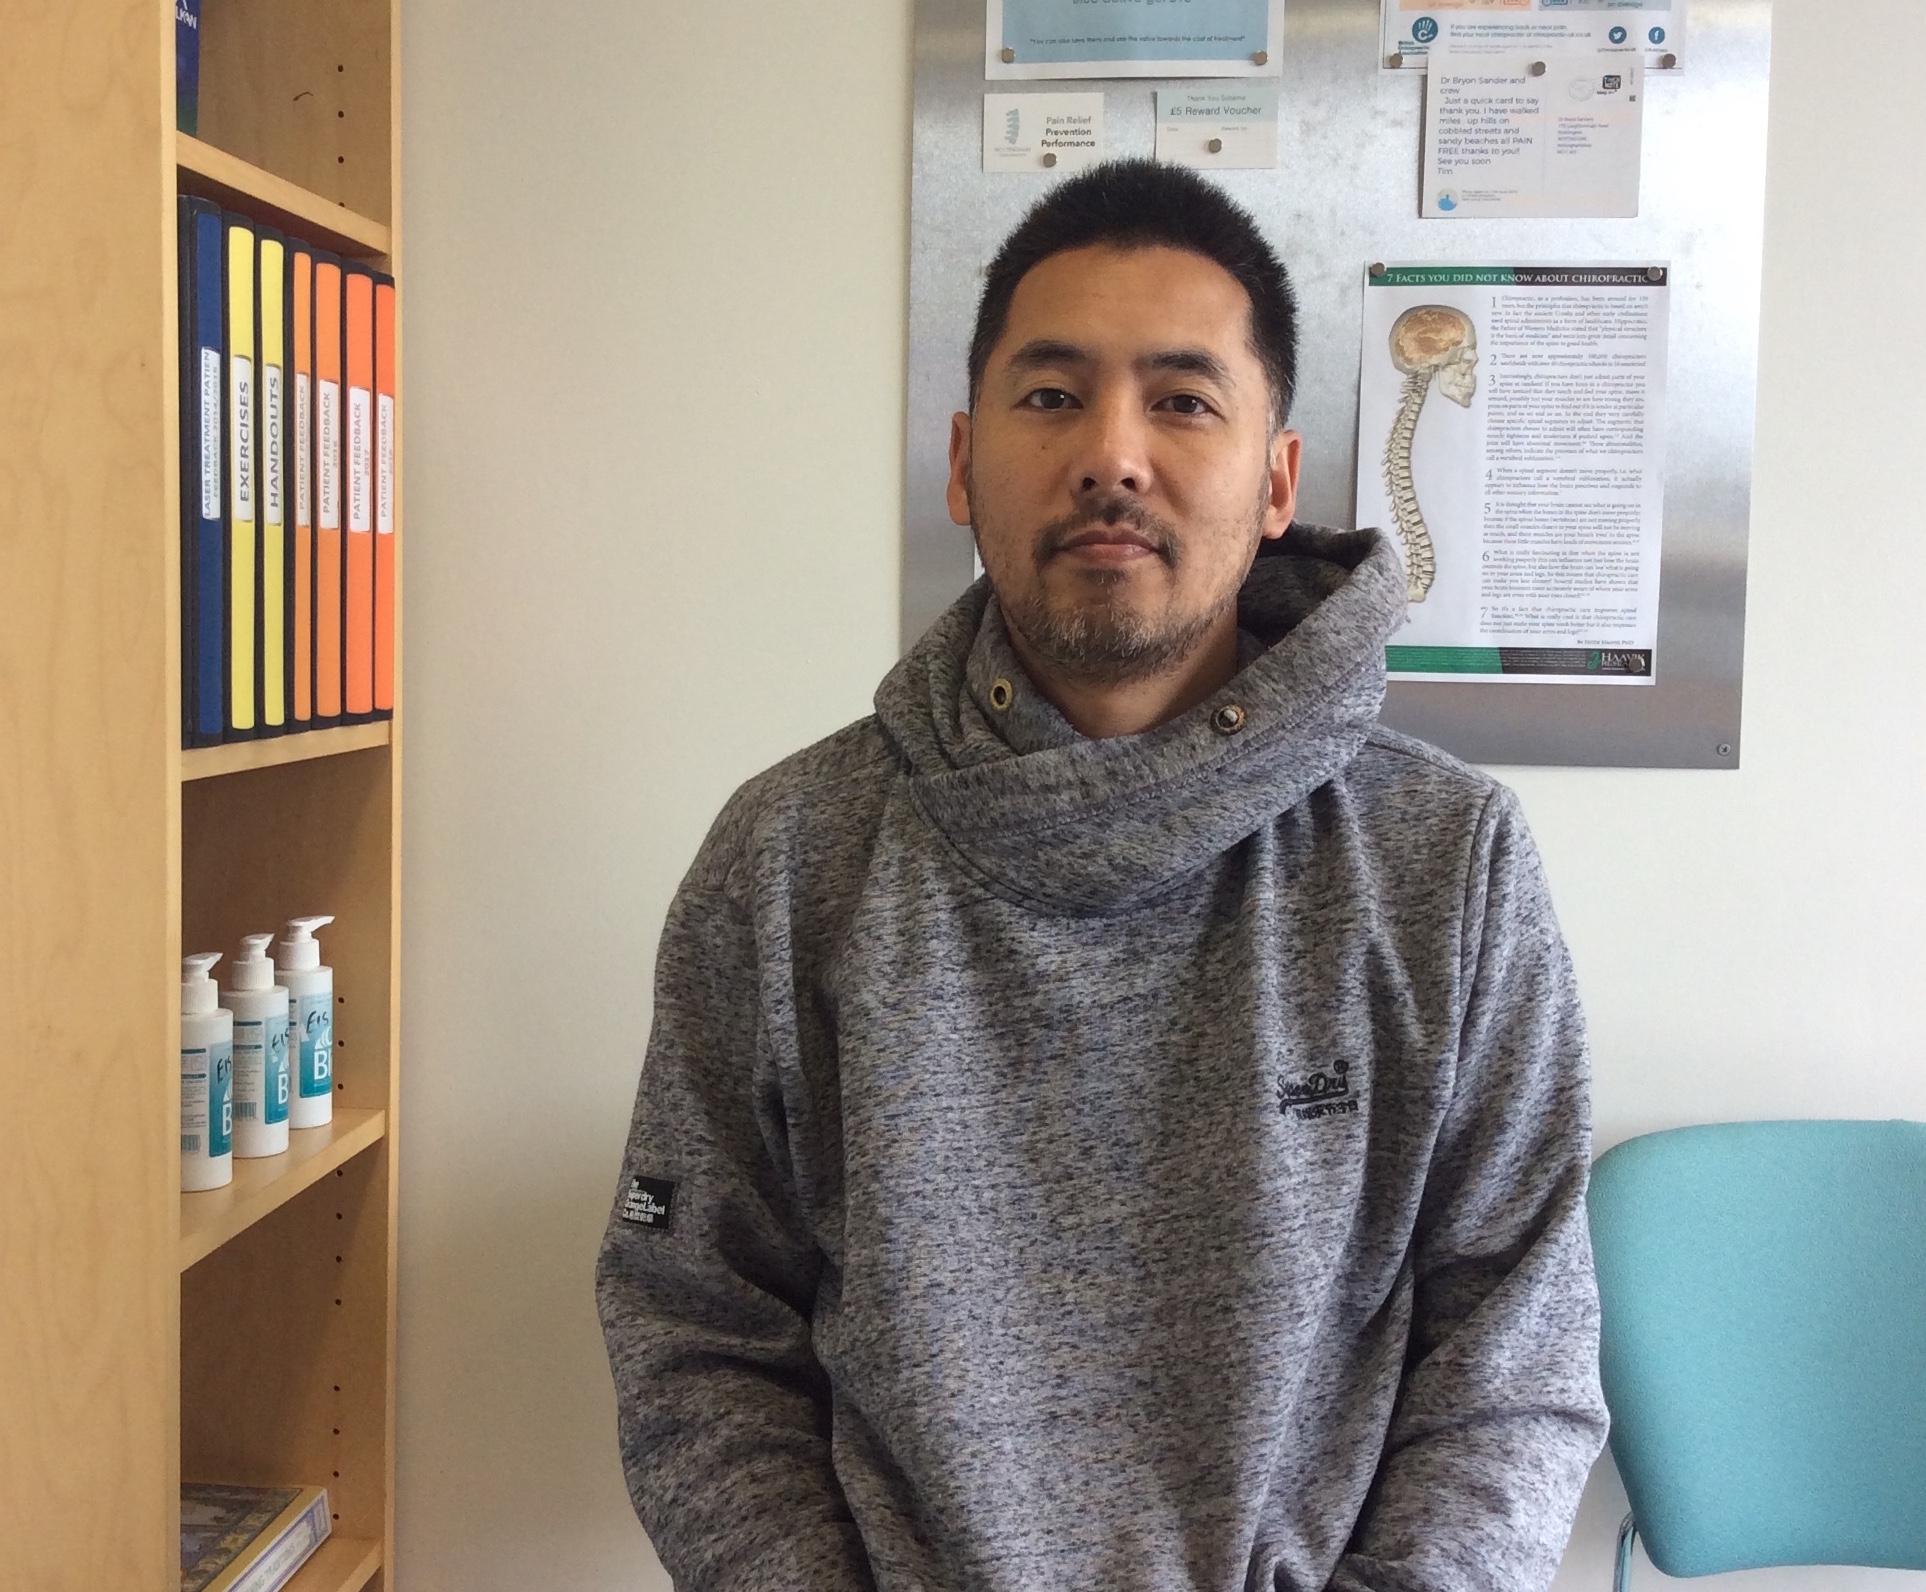 Makoto, Age 43